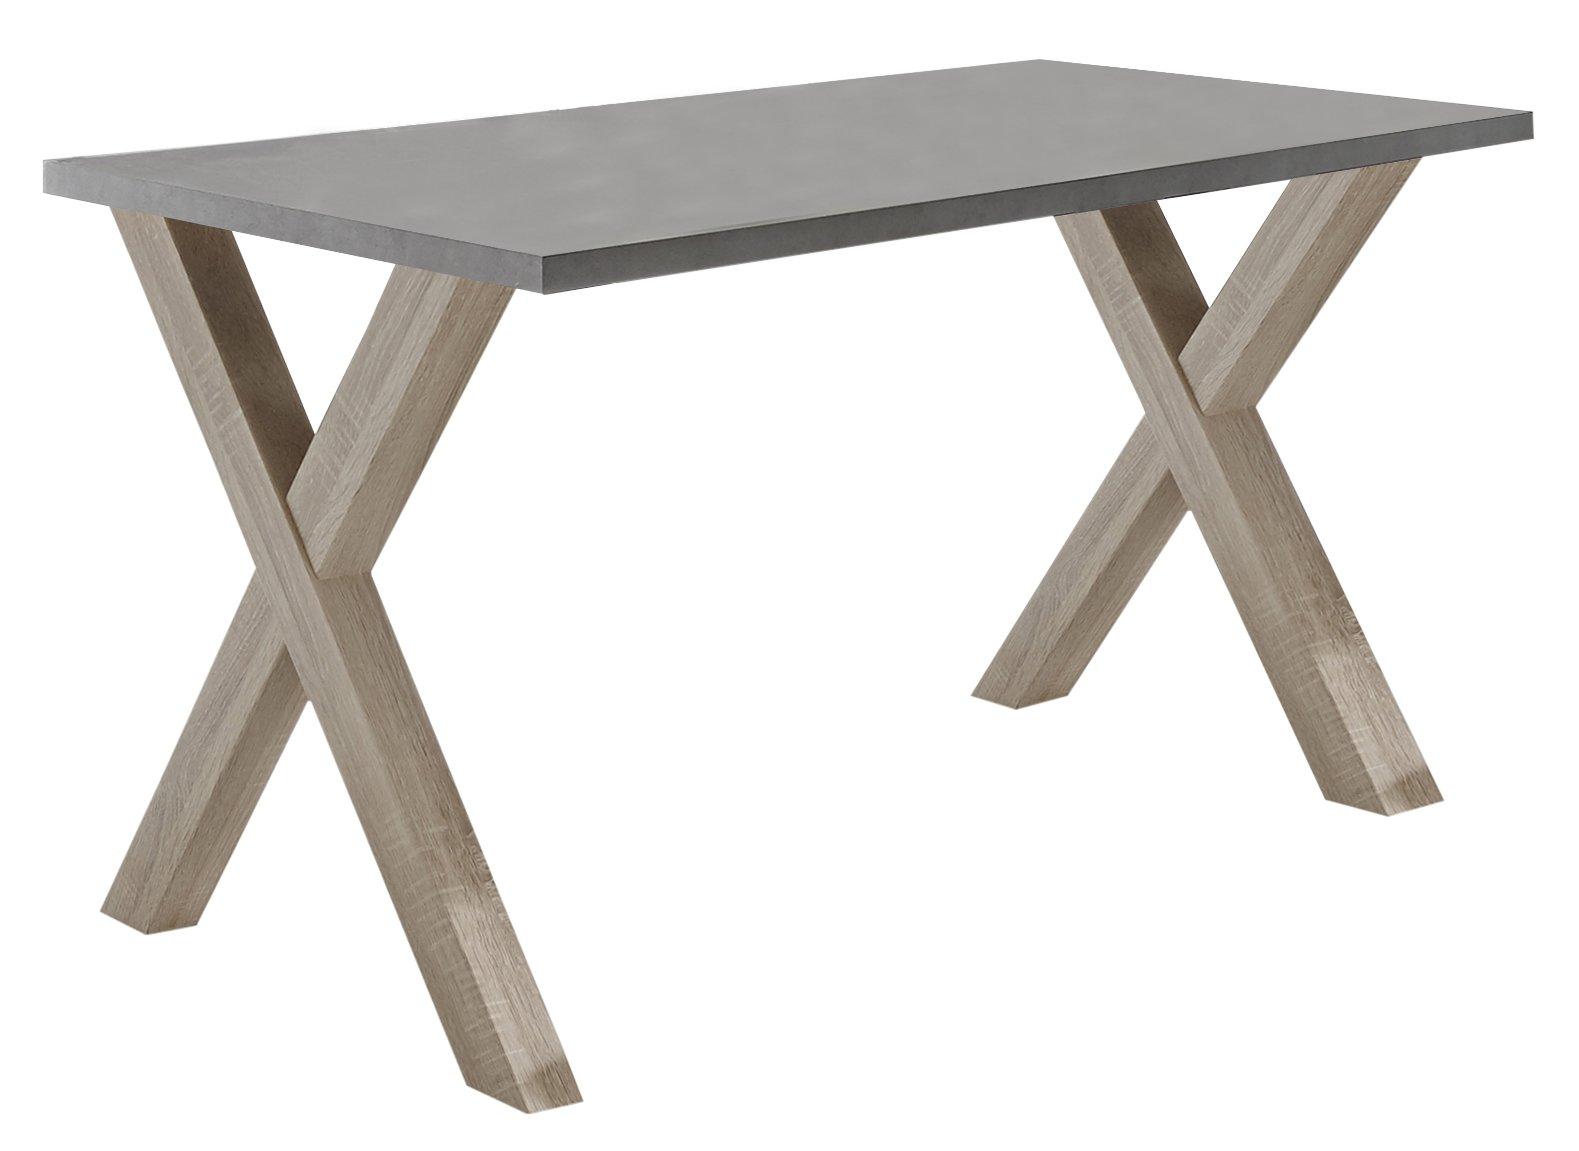 Schreibtisch eiche sägerau / graphit